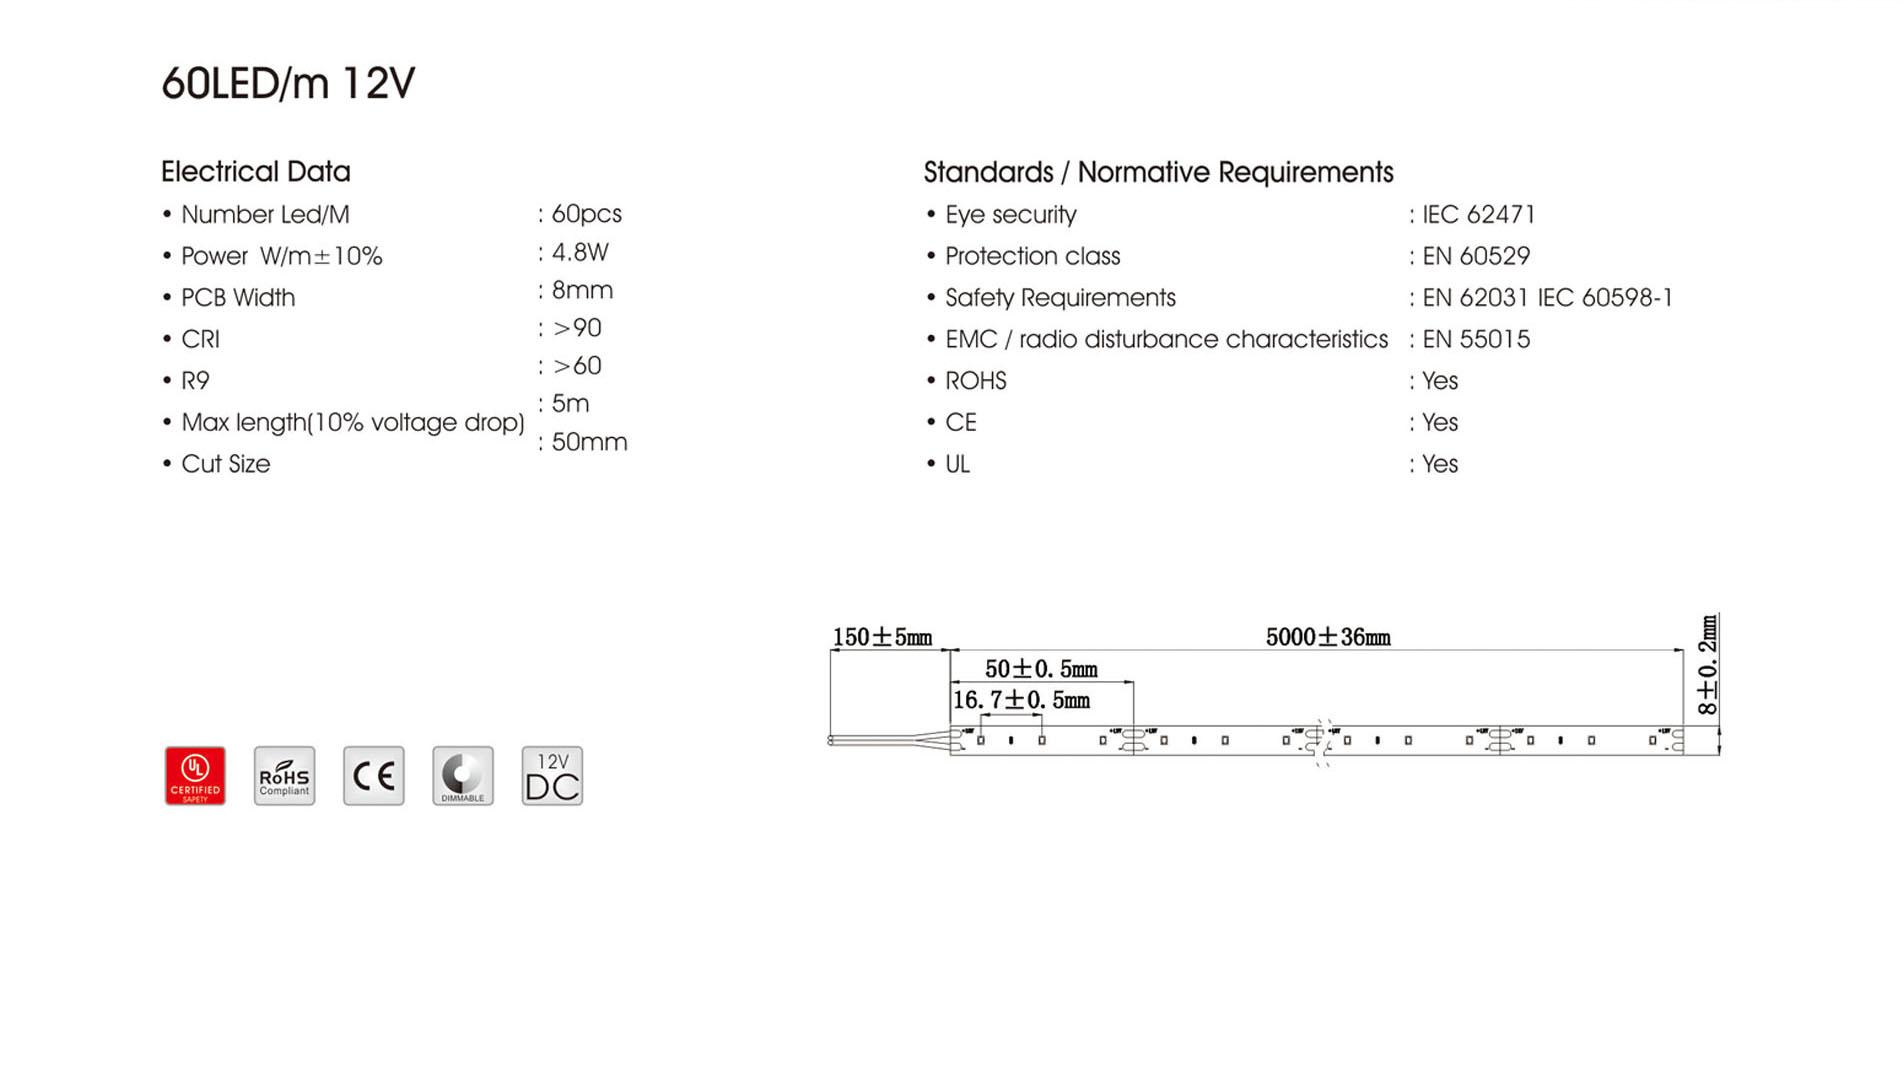 2110 60led 12v standard series